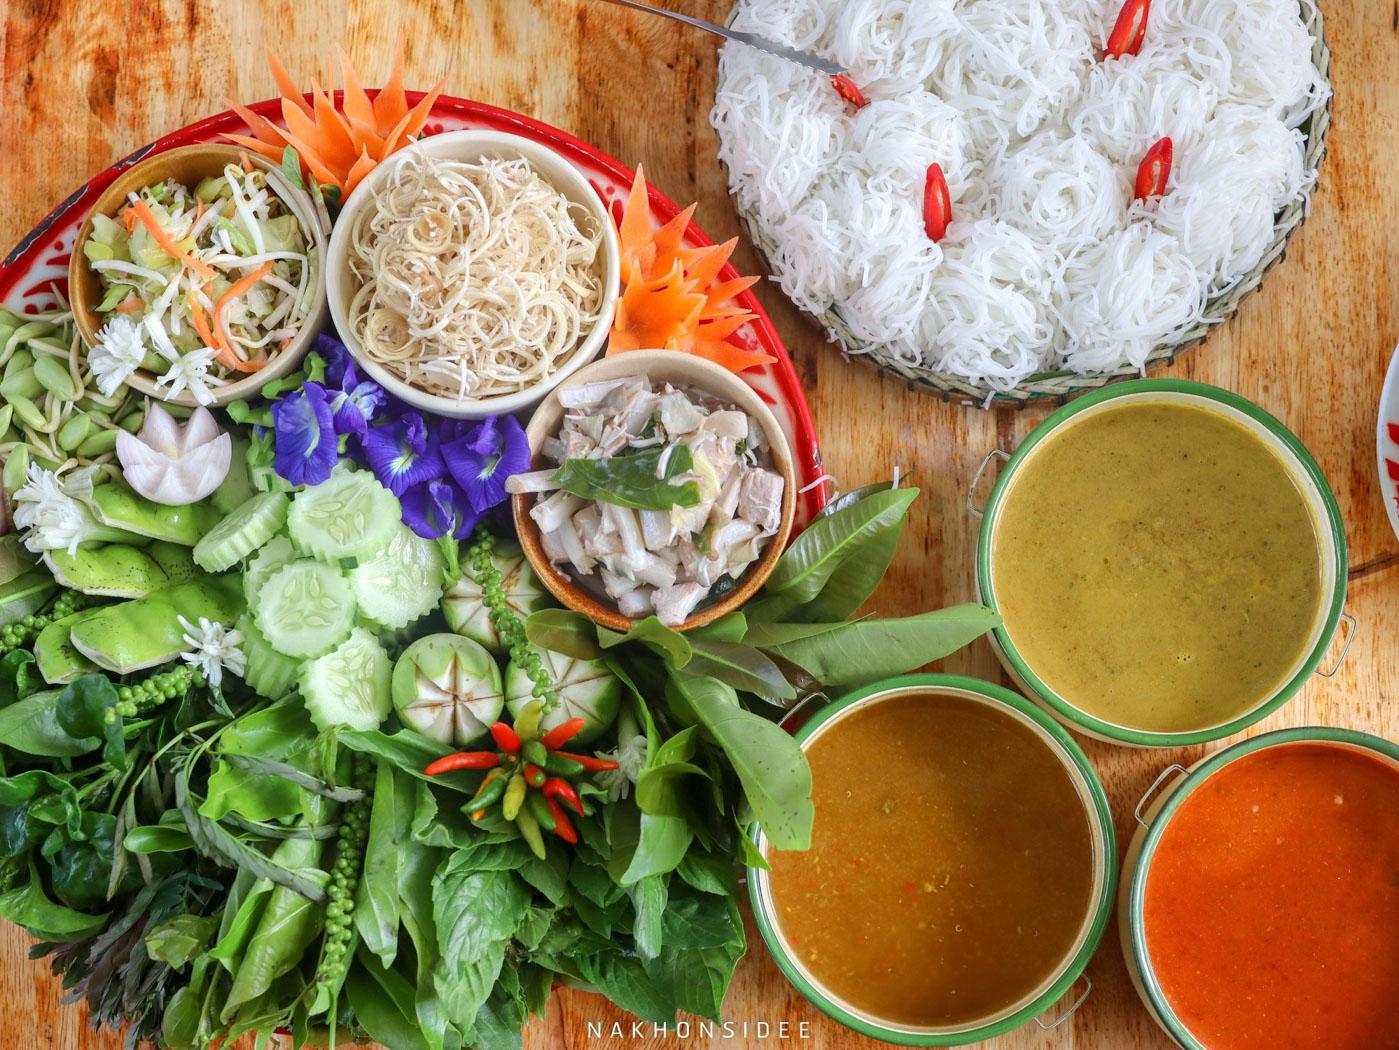 ท่าศาลา,ที่เที่ยว,จุดเช็คอิน,ที่พัก,ของกิน,อร่อย,เด็ด